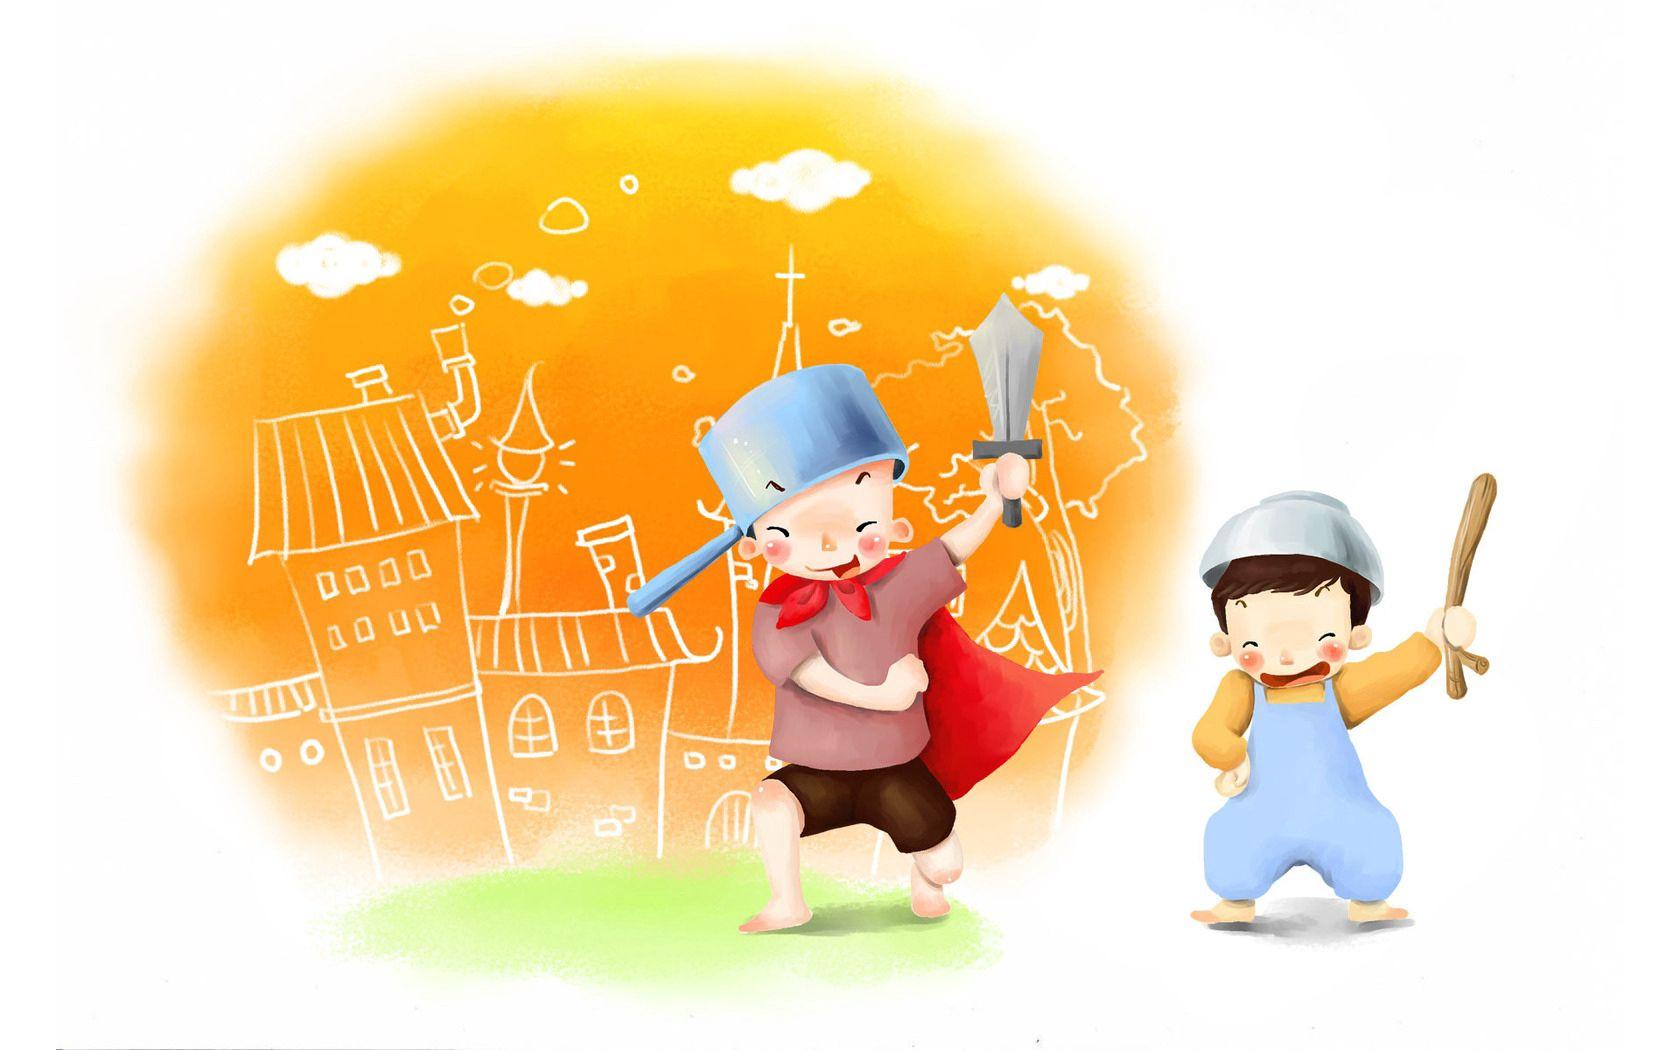 117786 Hintergrundbild herunterladen Spiele, Kinder, Spielzeug, Verschiedenes, Sonstige, Bild, Zeichnung, Kleinkinder, Jungen, Topf, Kindheit, Schwert, Freude, Pfanne, Streiche - Bildschirmschoner und Bilder kostenlos